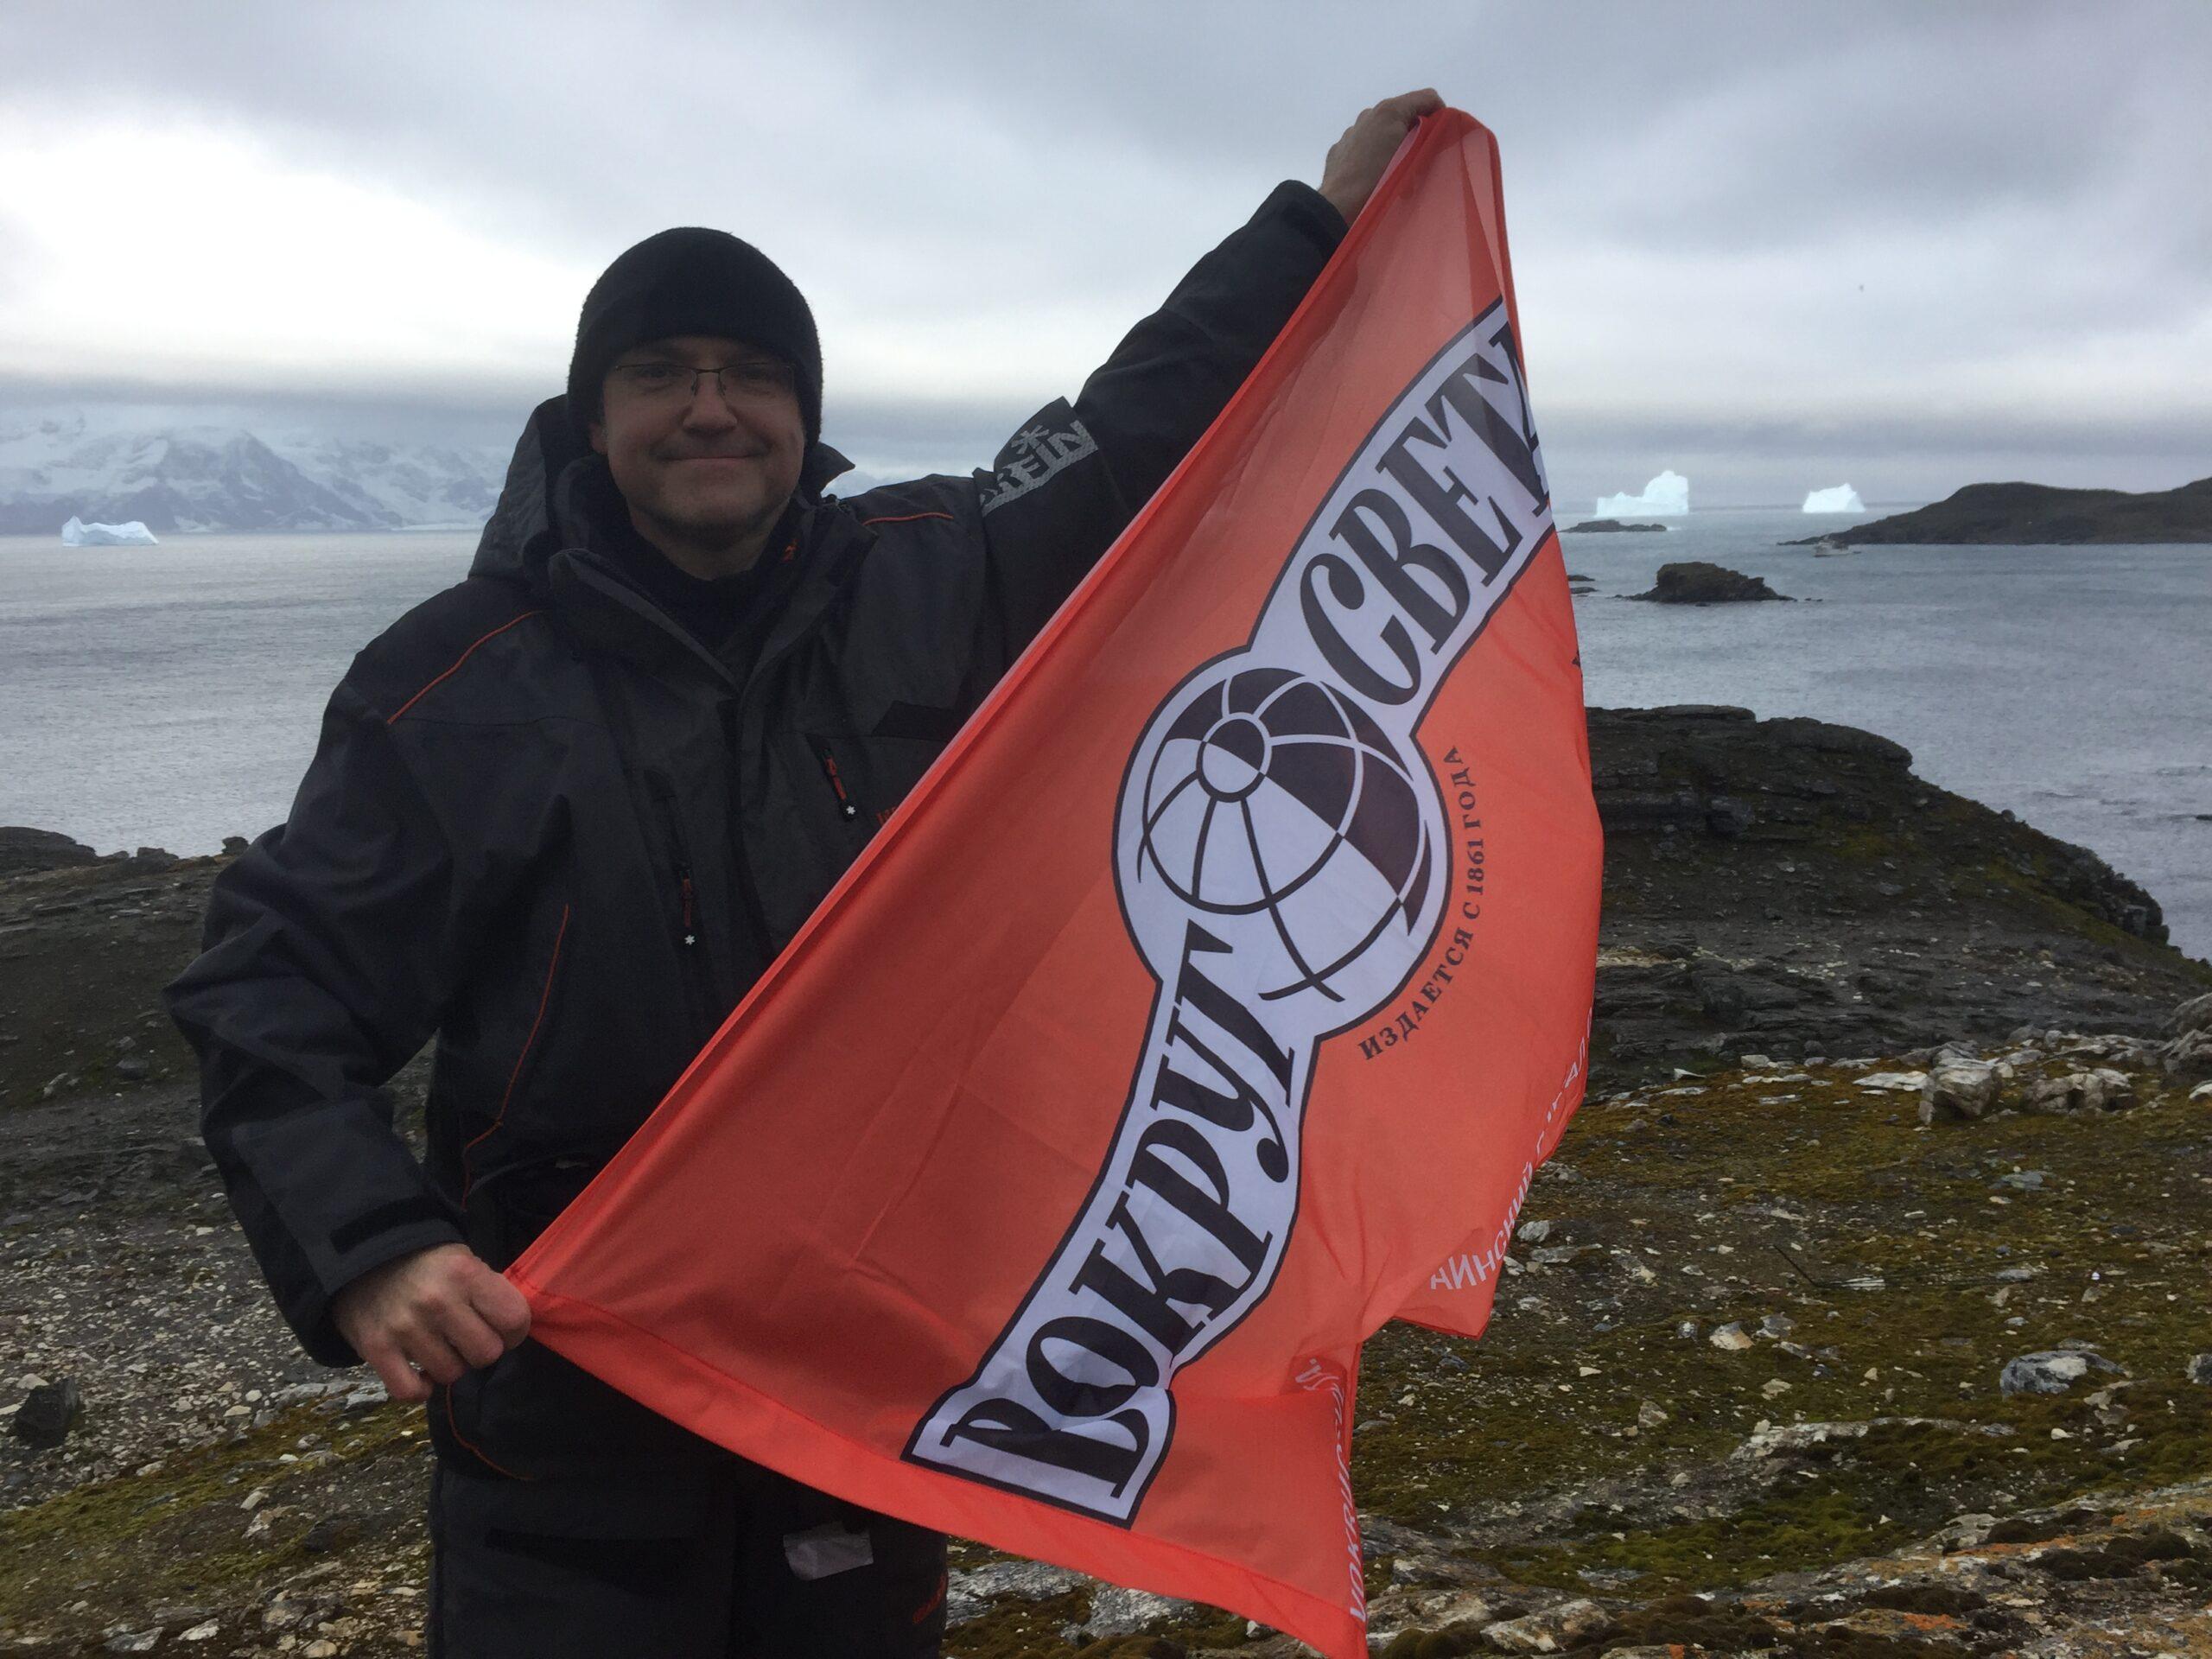 С палаткой в Антарктиду: украинец рассказал об экспедиции на Южные Оркнейские острова